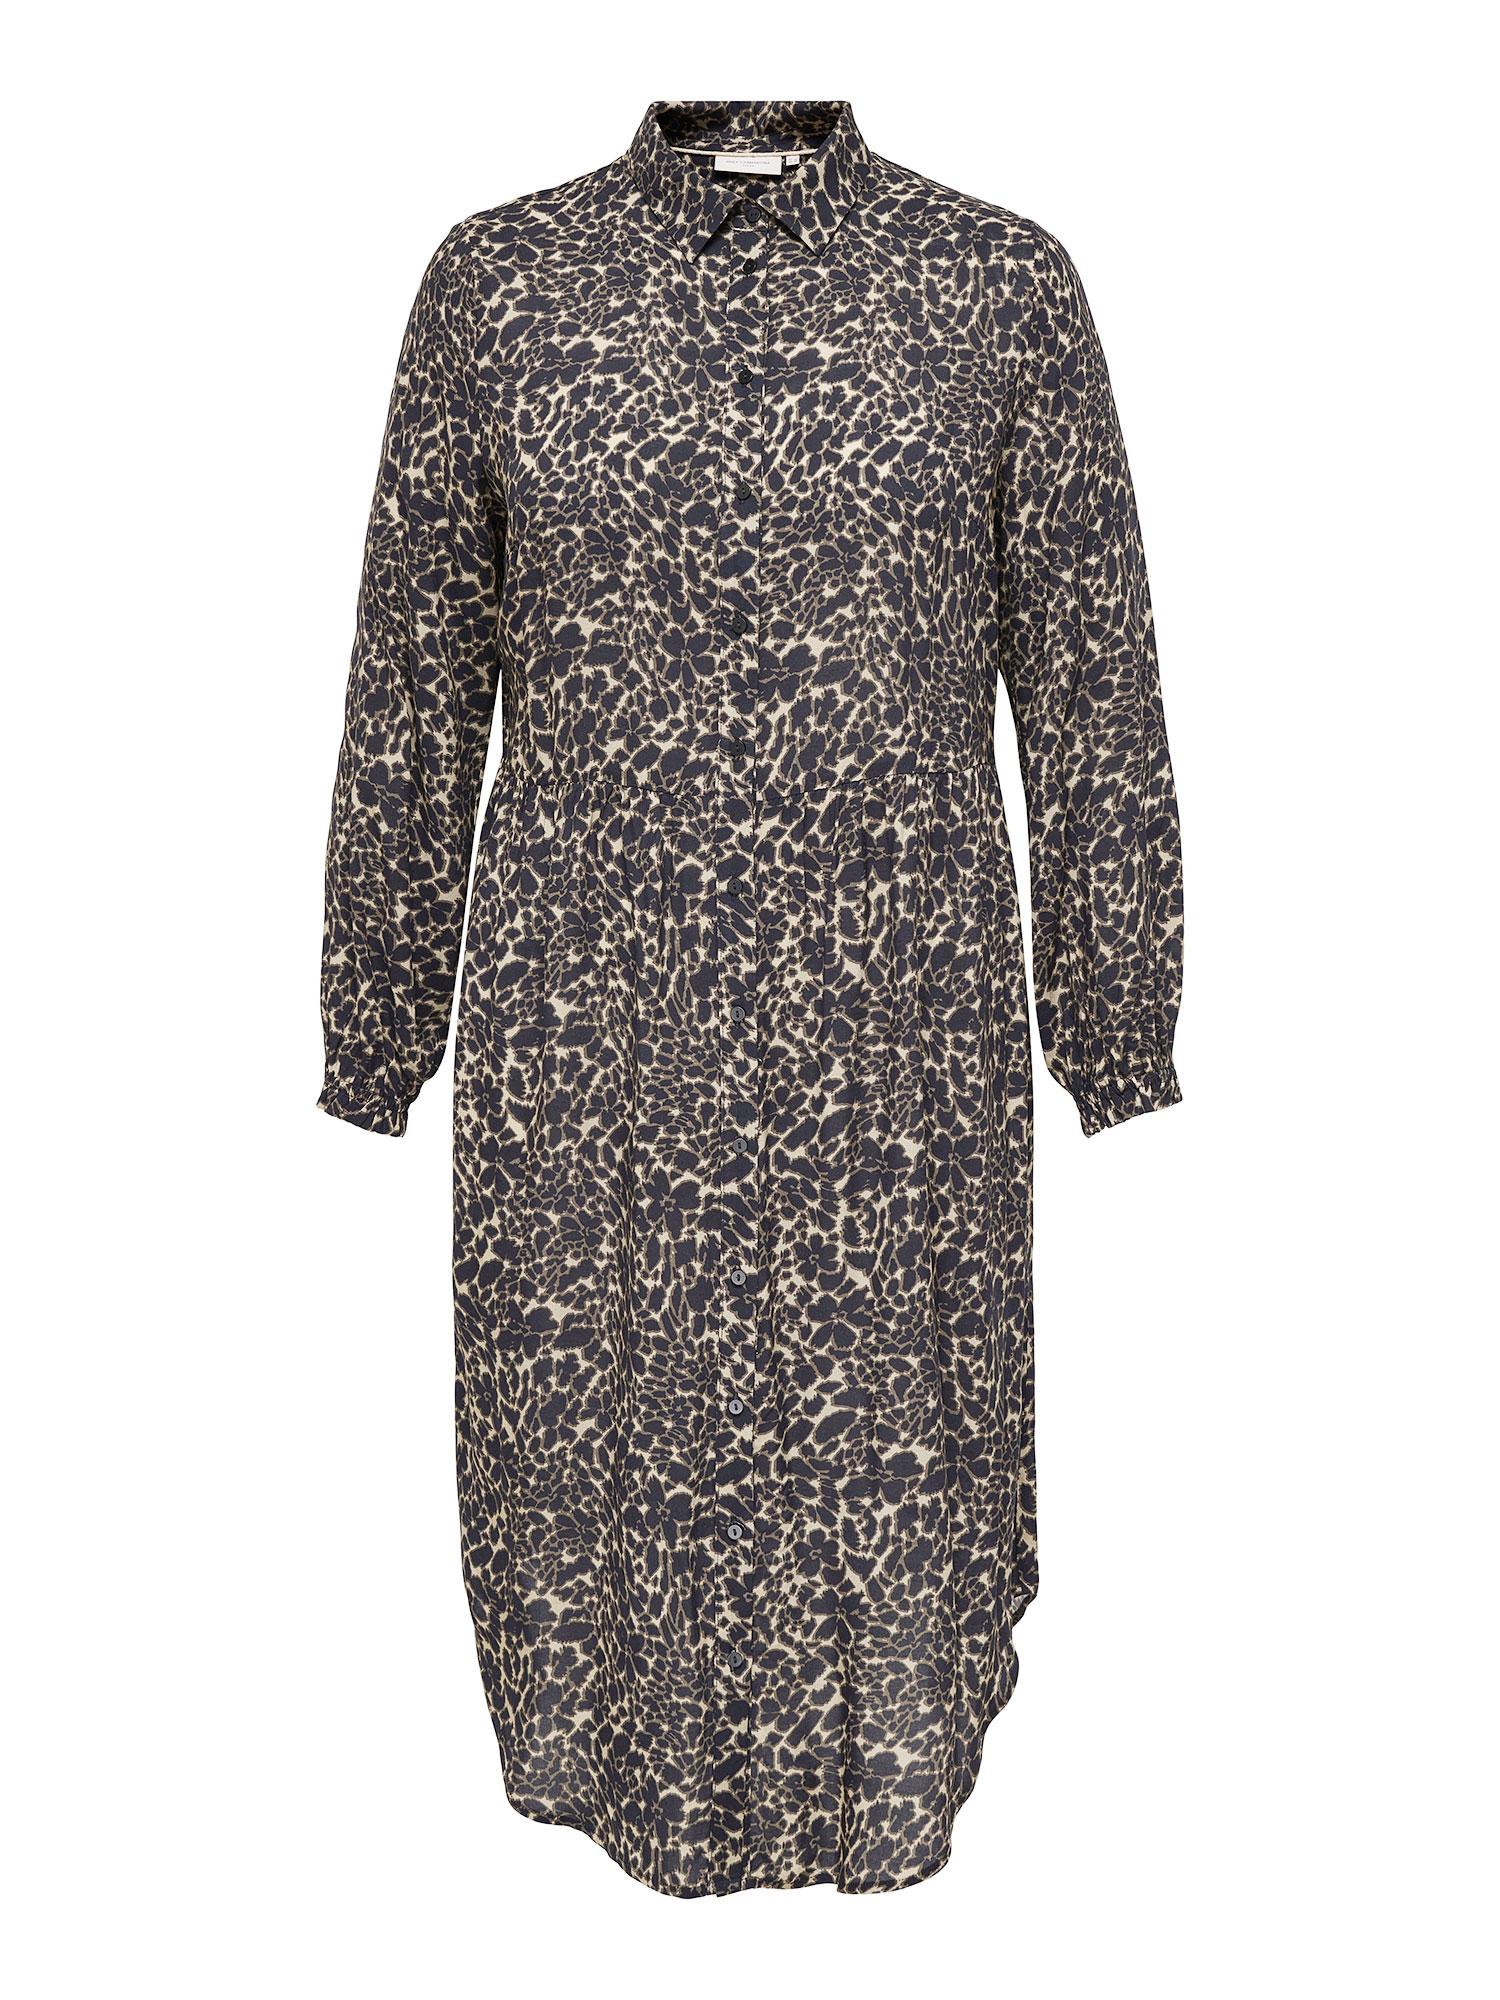 Only Carmakoma Lang skjorte kjole i 100% viskose med det skønneste leo print, 42